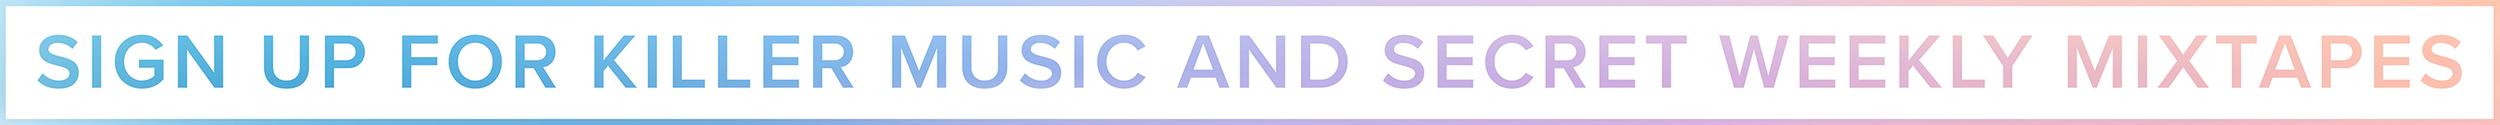 NewsletterBanner_Half.png